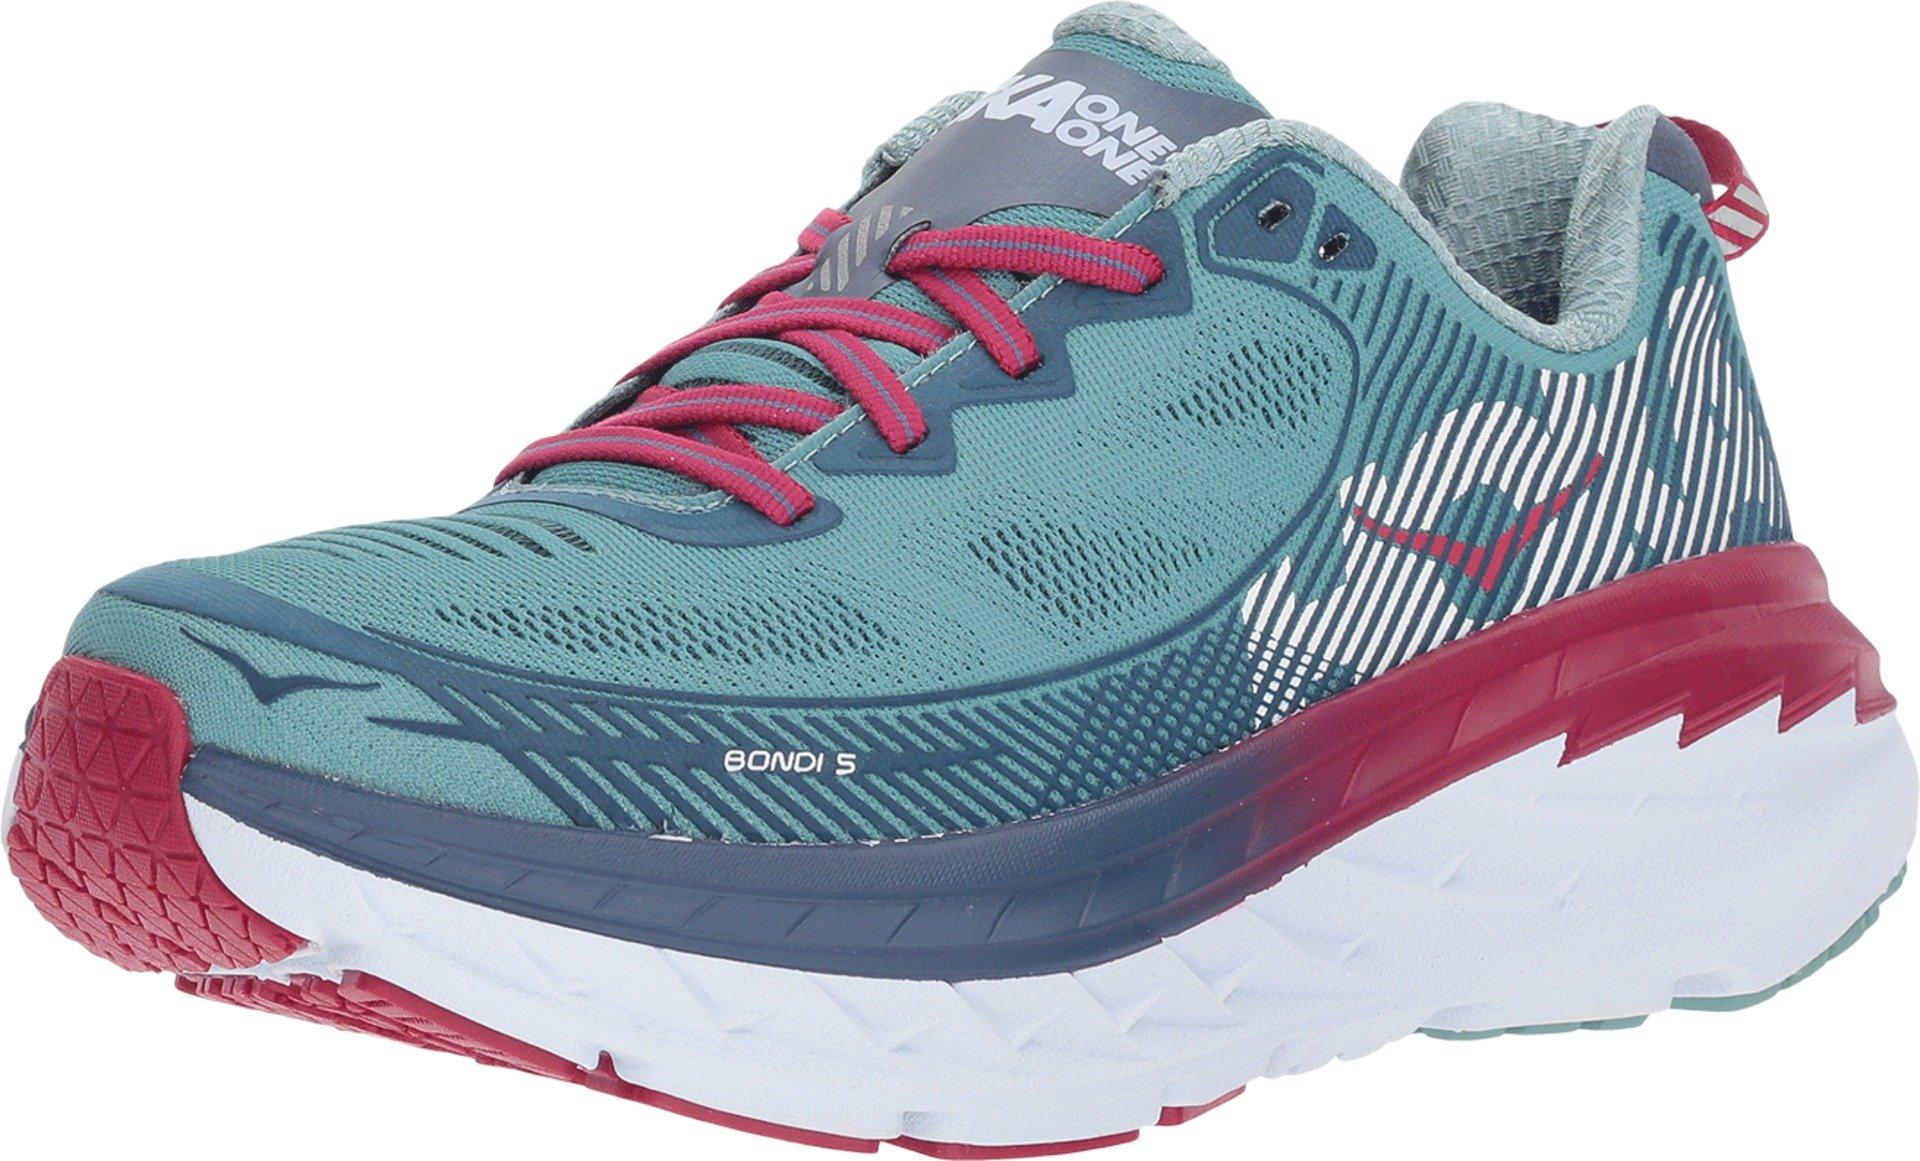 Hoka One Bondi 5 Aquifer/Vintage Indigo Running Shoes Womens 9